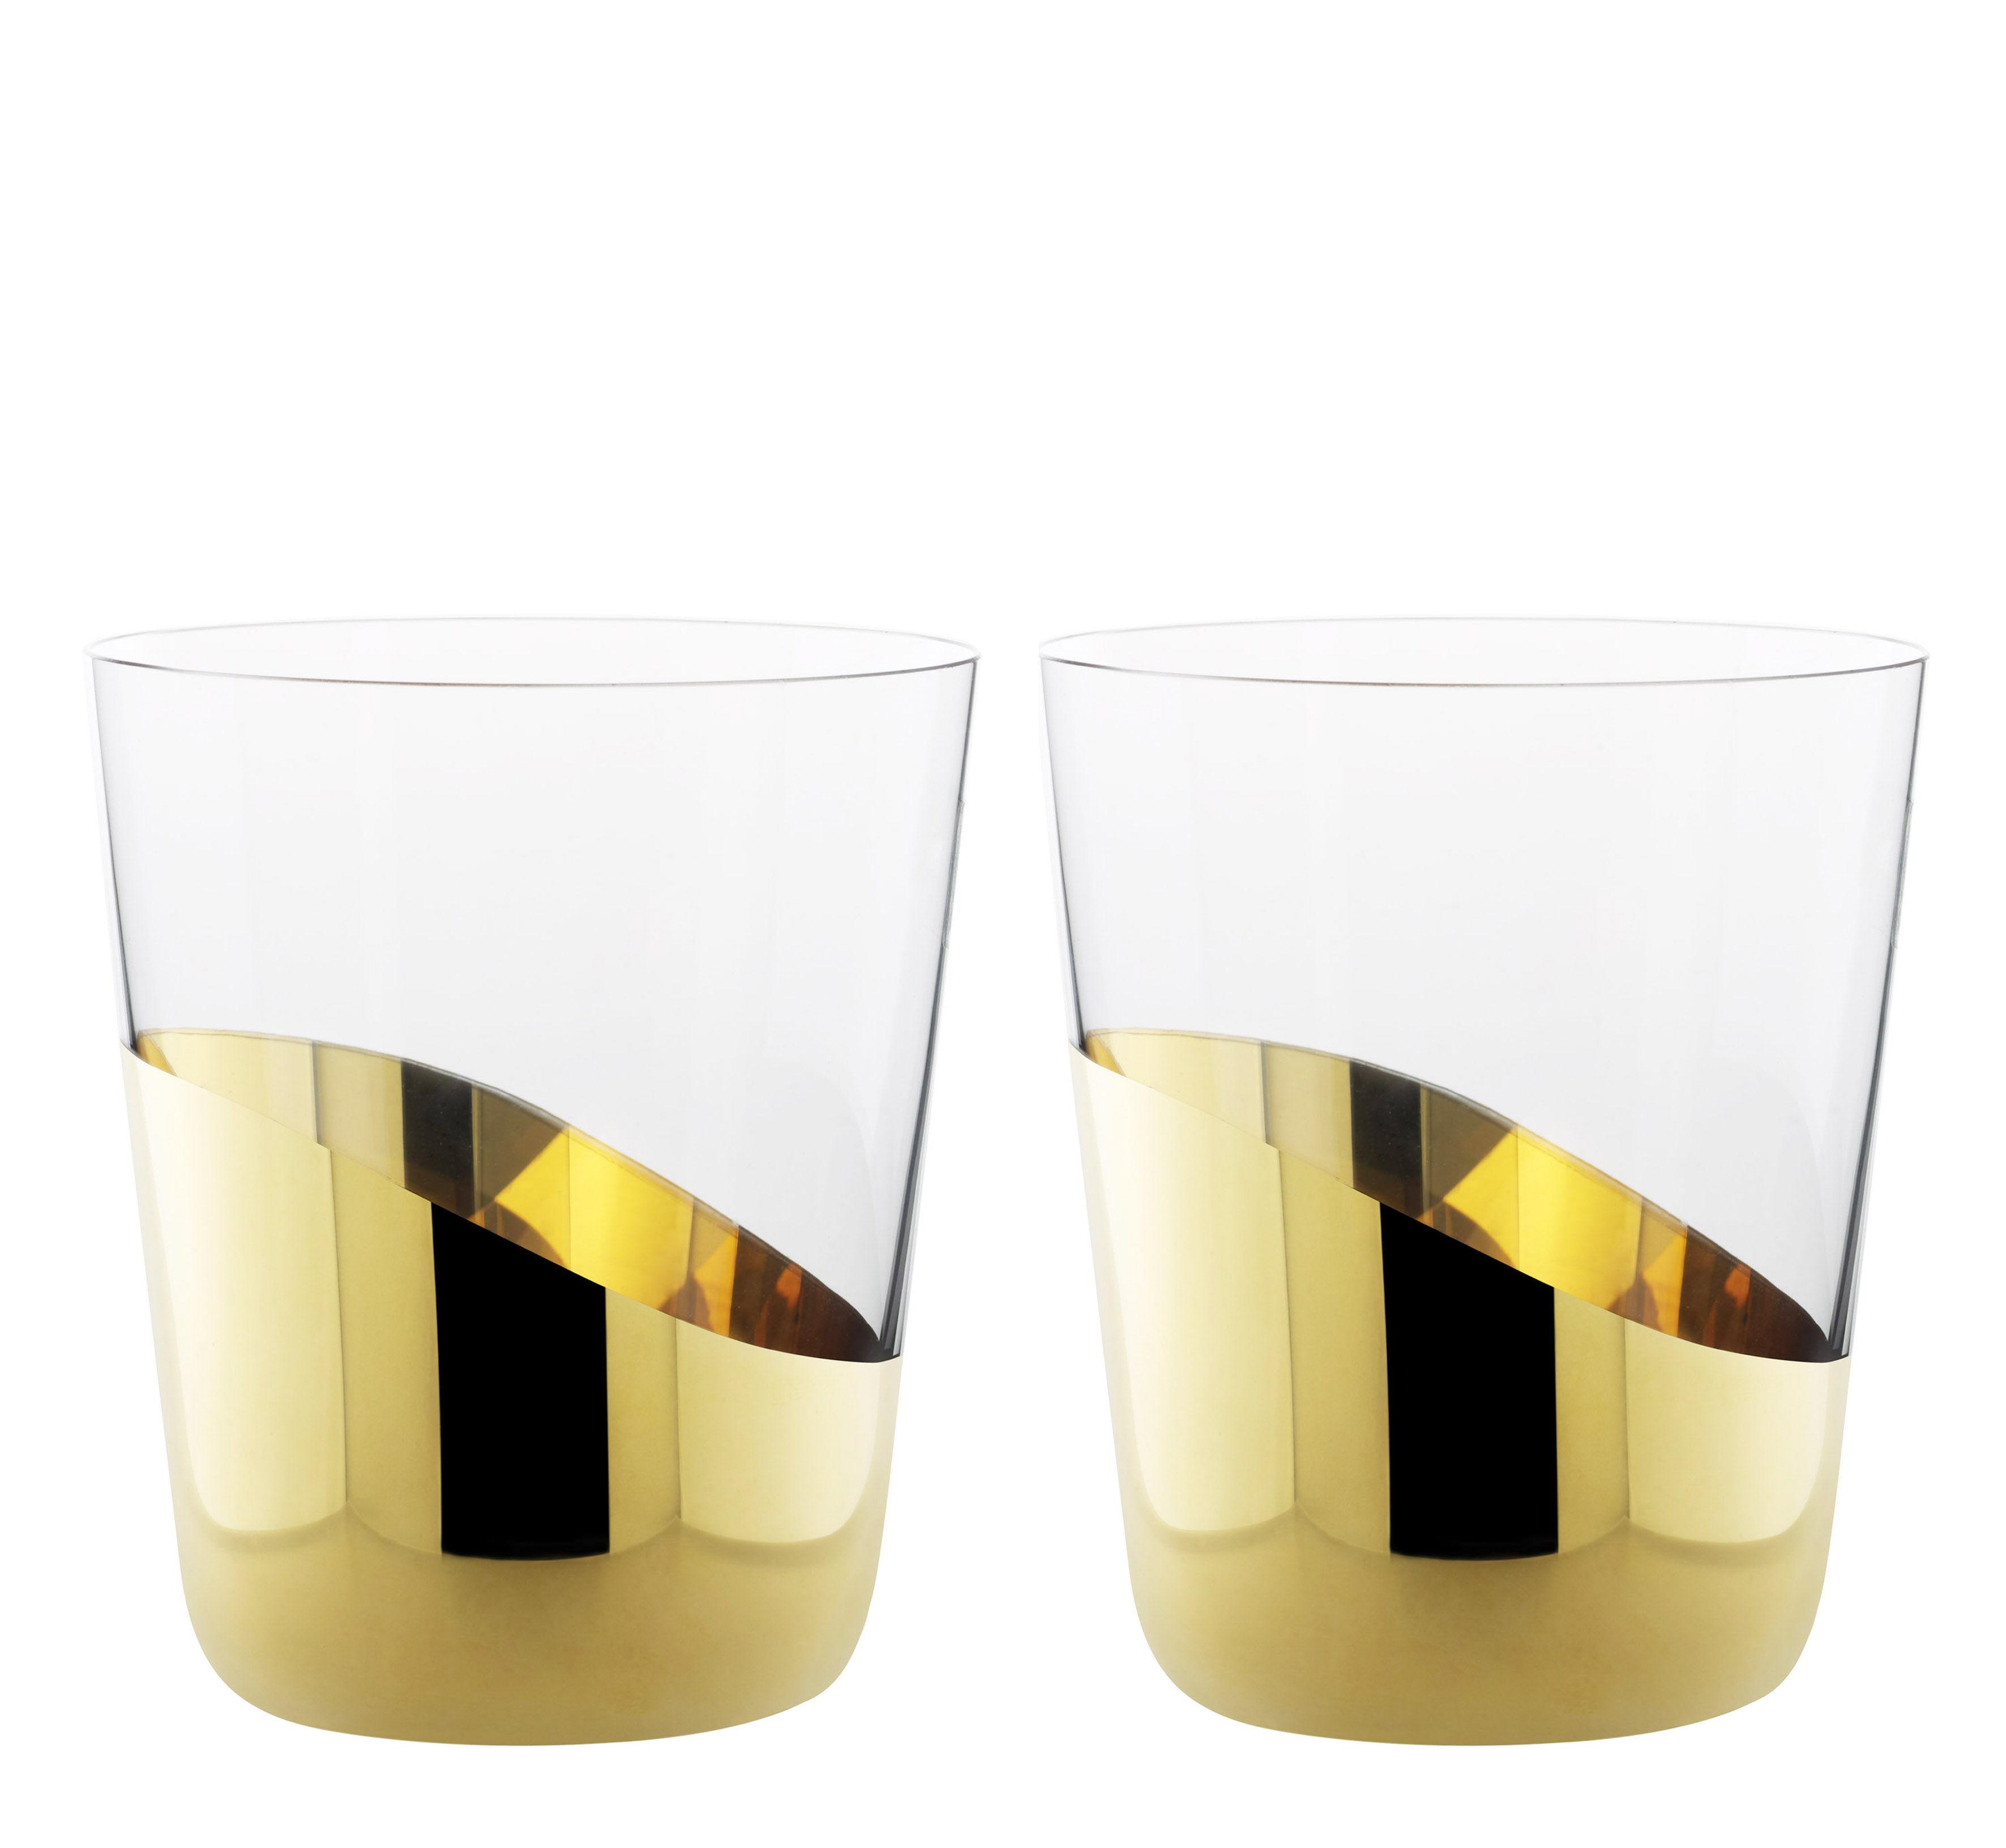 Arts de la table - Verres  - Verre à eau Midas / Lot de 2 - H 10 cm - Skitsch - Verre à eau H 10 cm - Or - Or, Verre soufflé bouche